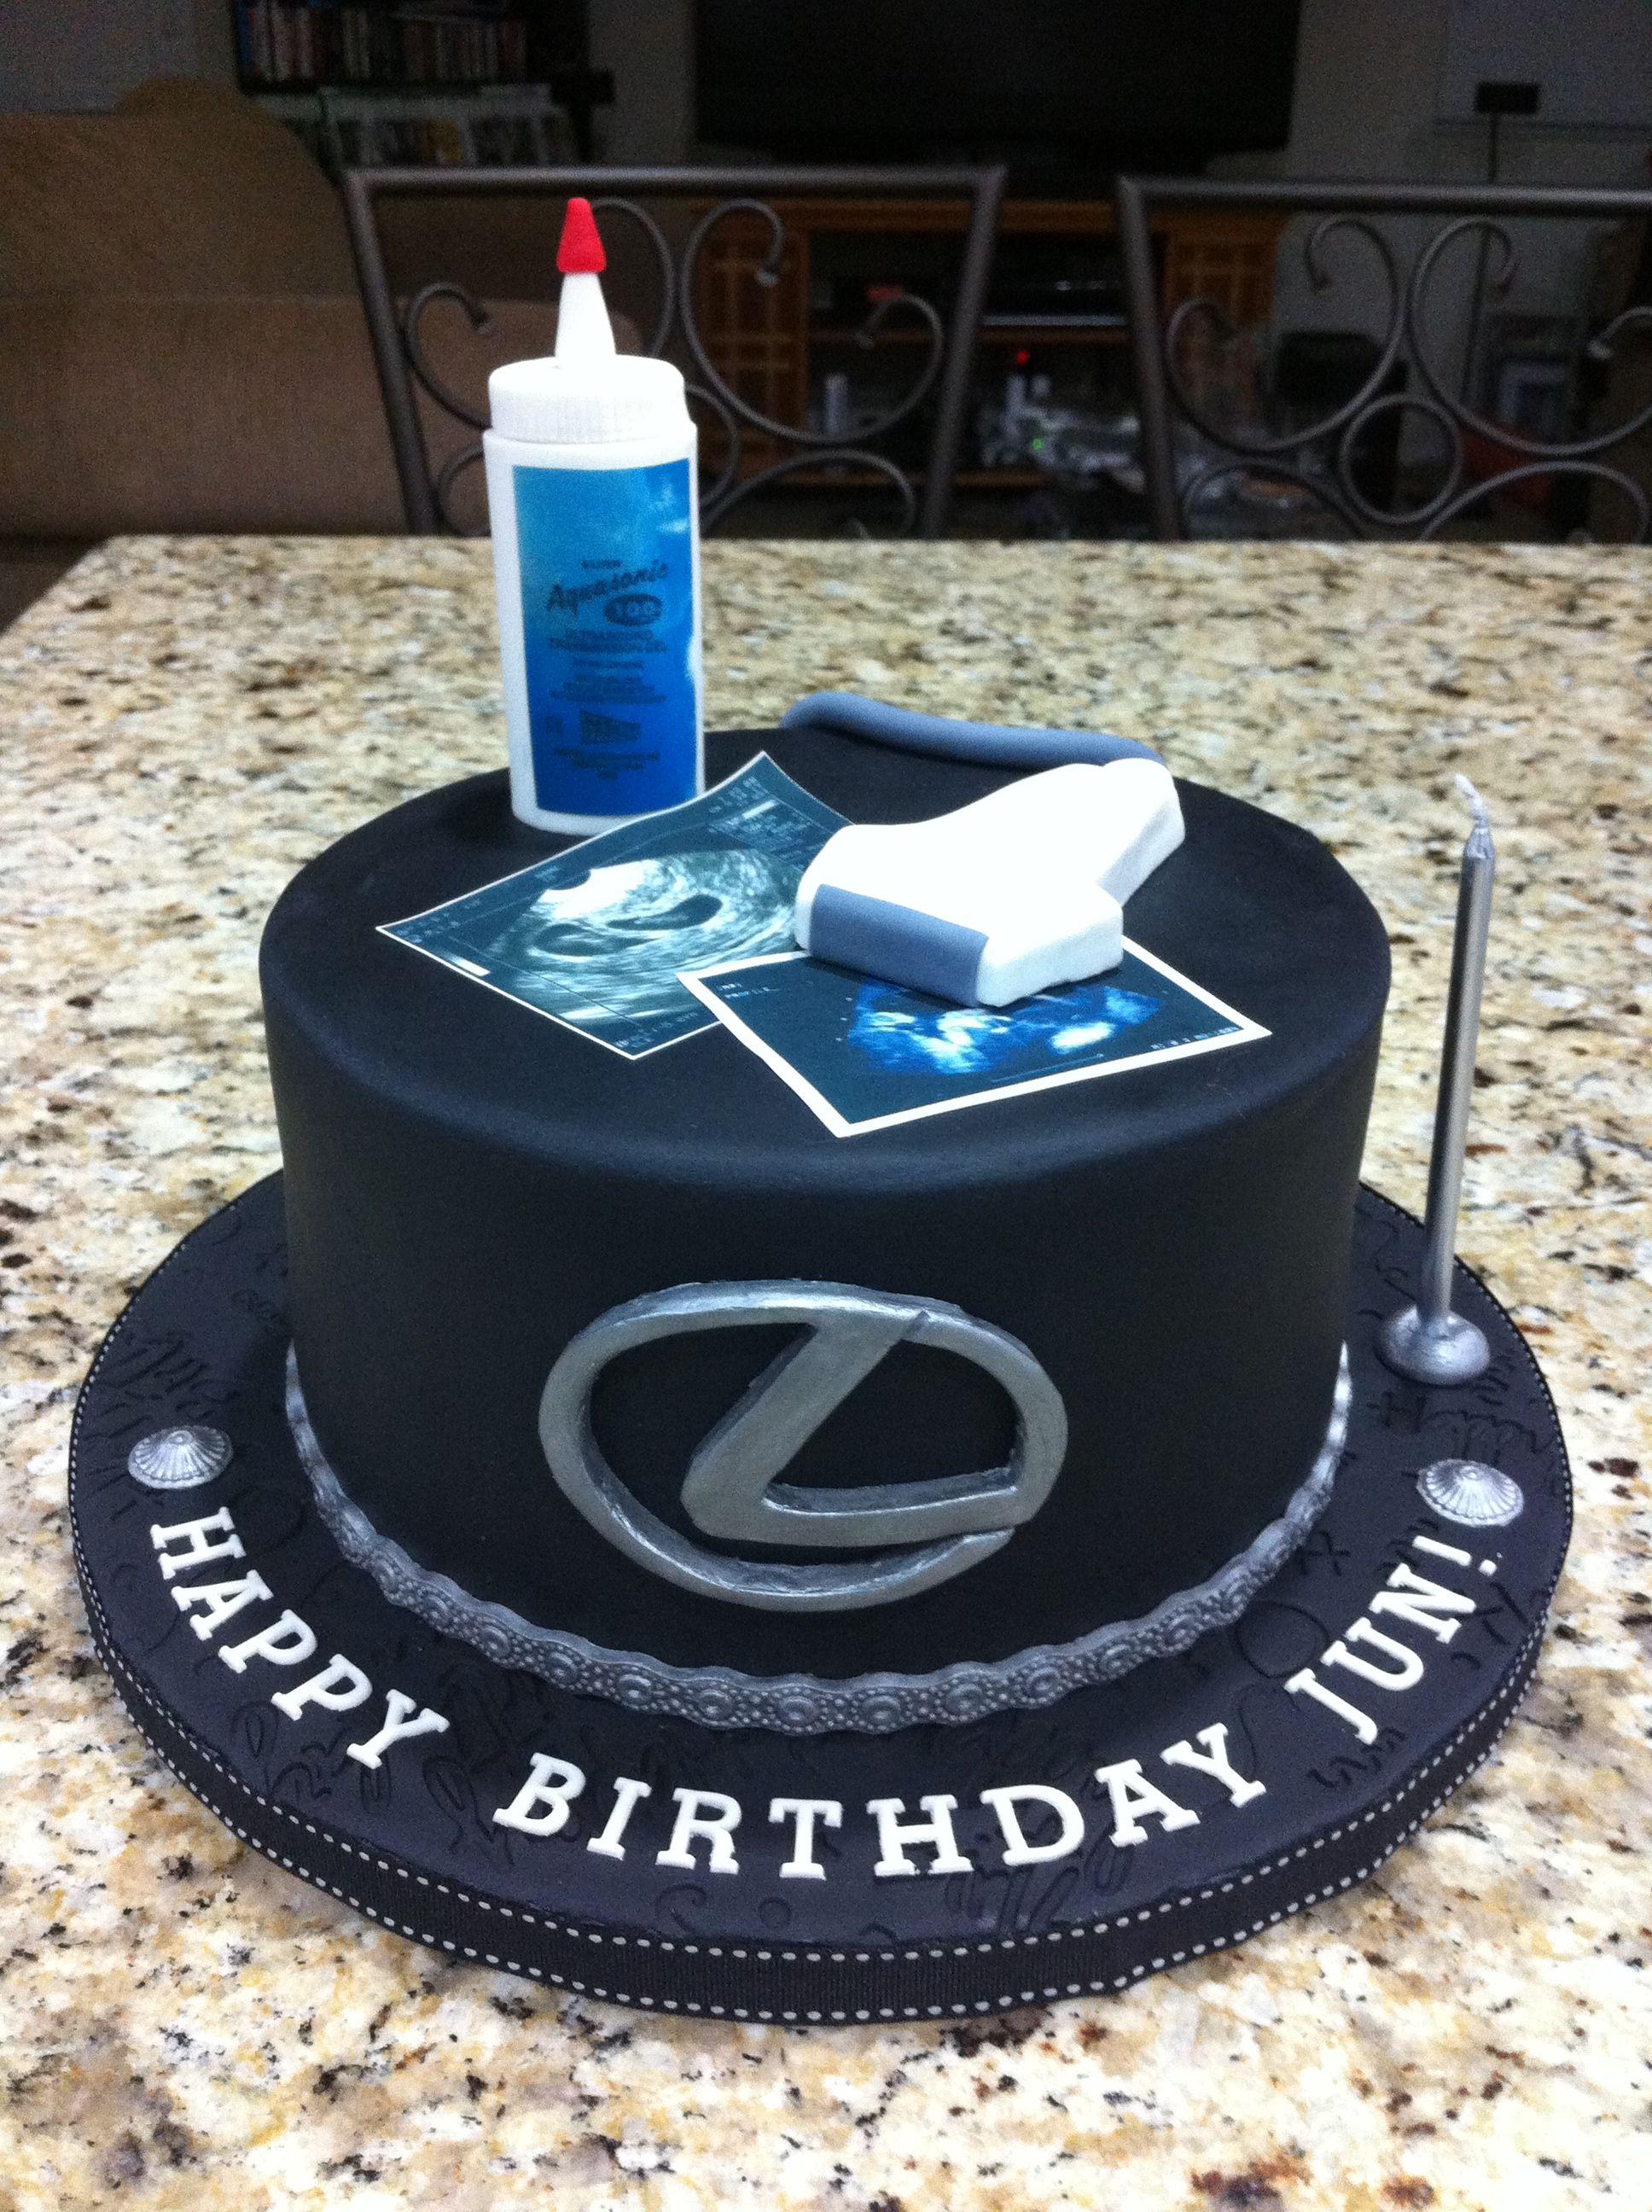 Lexus / Sonographer Cake My Cakes Pinterest Humor